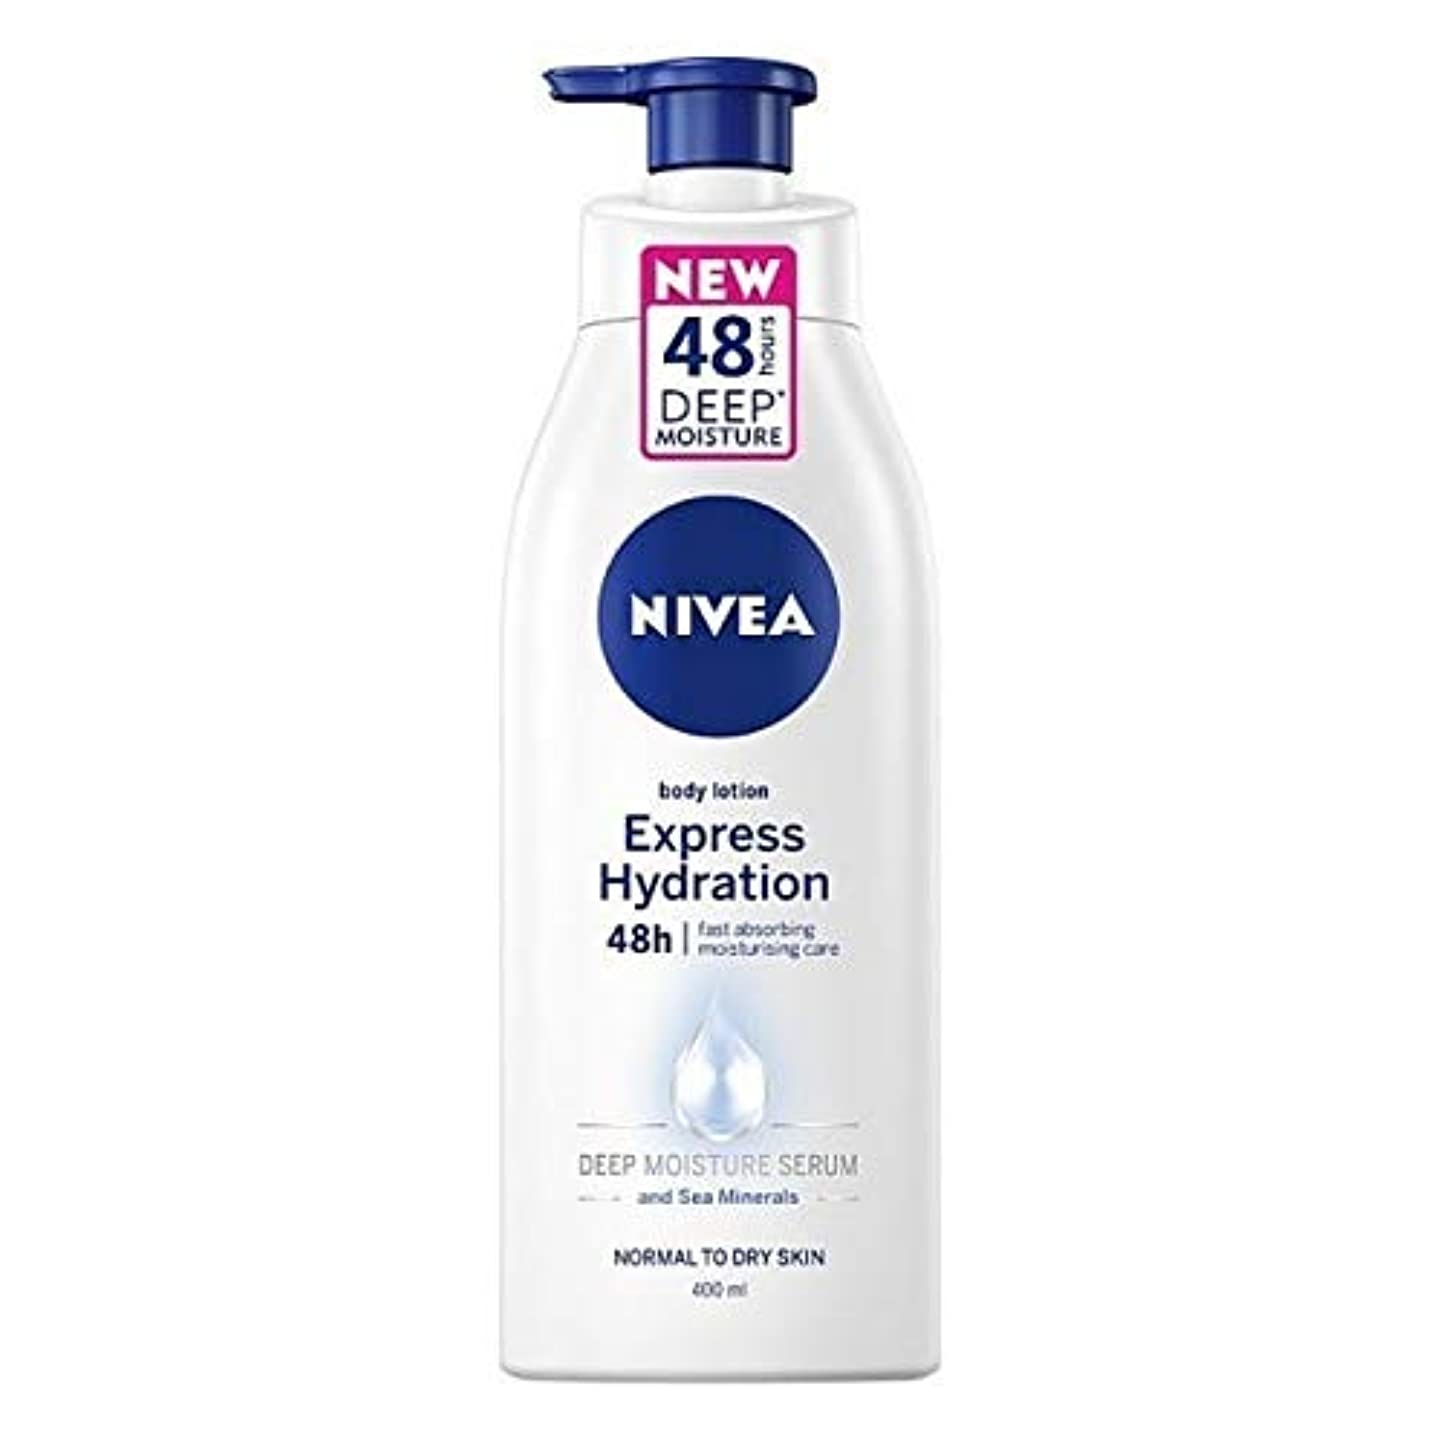 お祝い吸収意味[Nivea ] 高速の急行水和ボディローション400ミリリットルを吸収ニベア - NIVEA Fast Absorbing Express Hydration Body Lotion 400ml [並行輸入品]